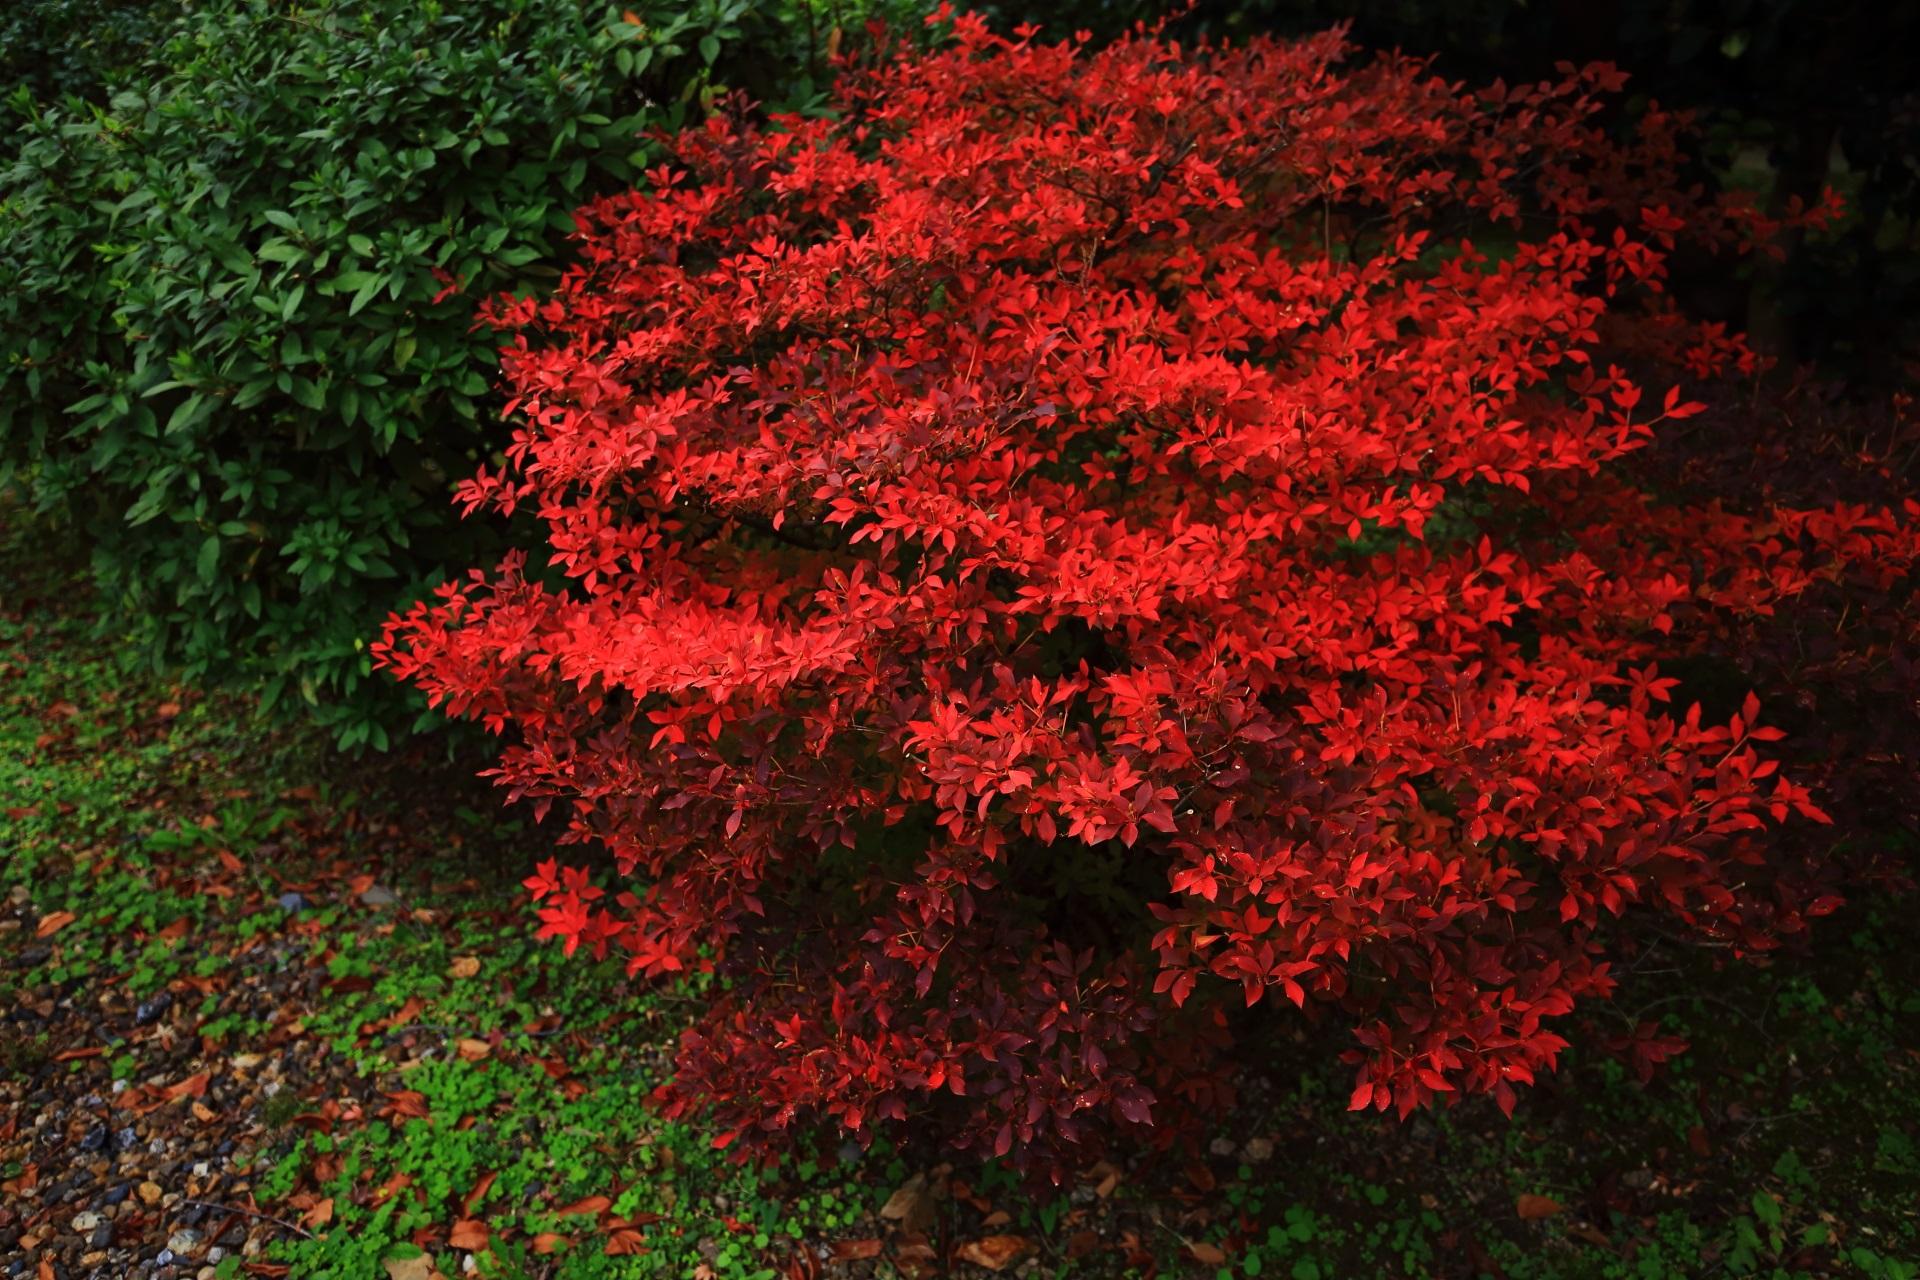 ビビッドな色合いの鮮やかなツツジの紅葉